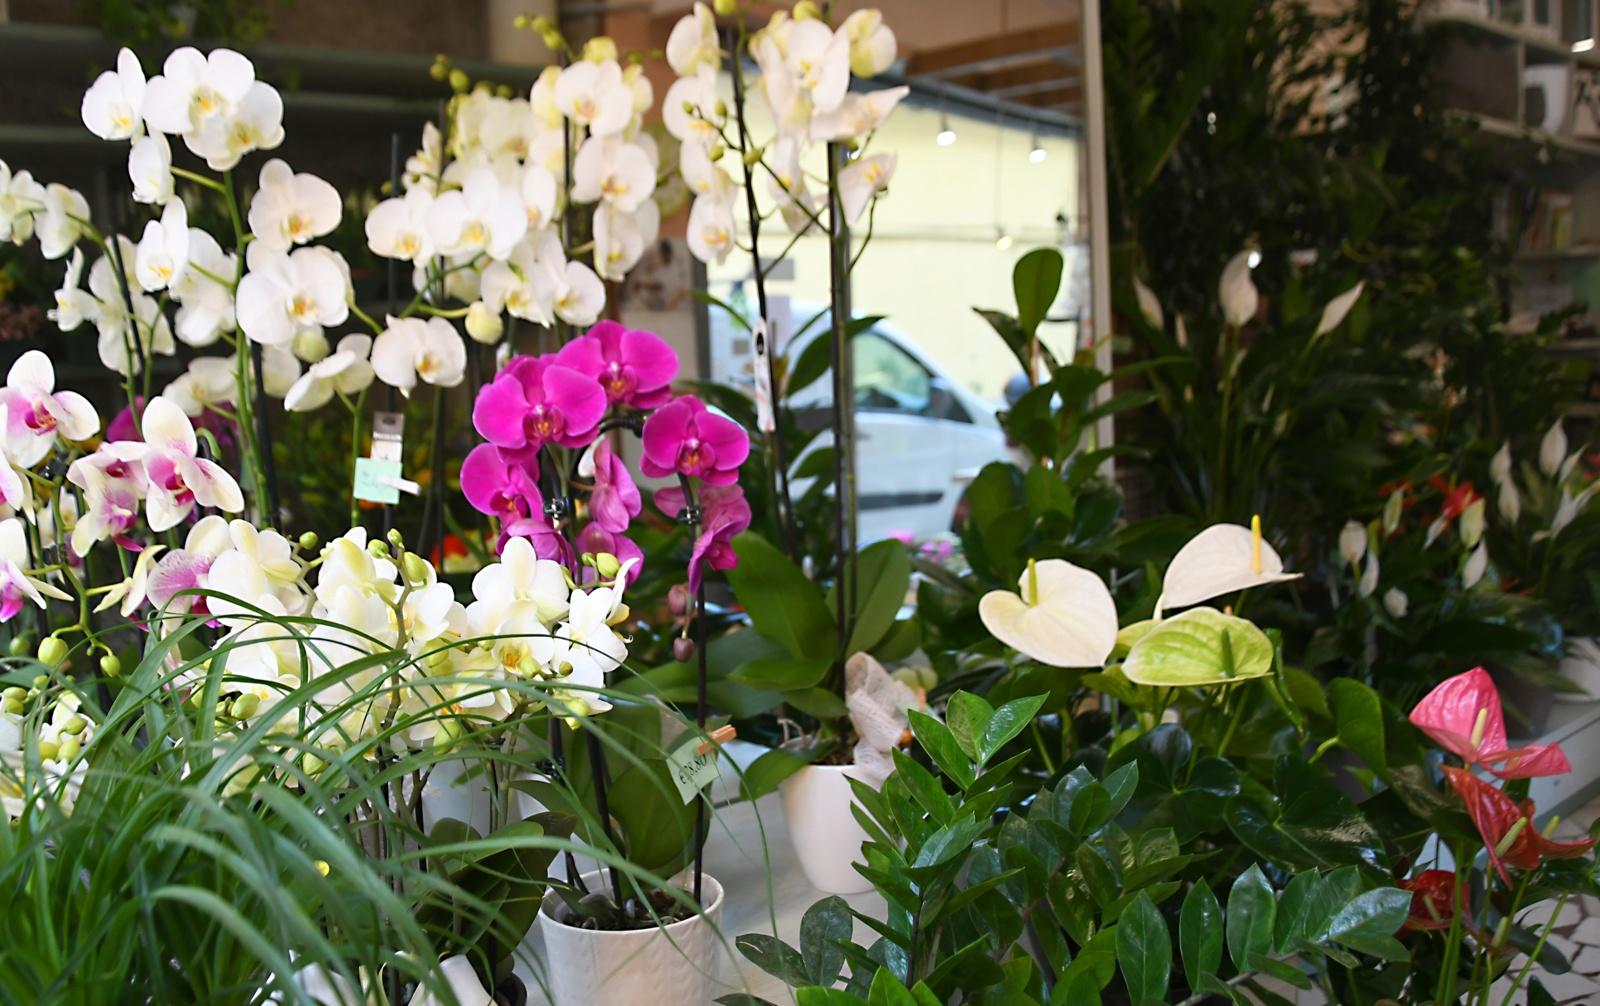 Immagini Piante E Fiori piante e fiori d'appartamento belli e facili da mantenere